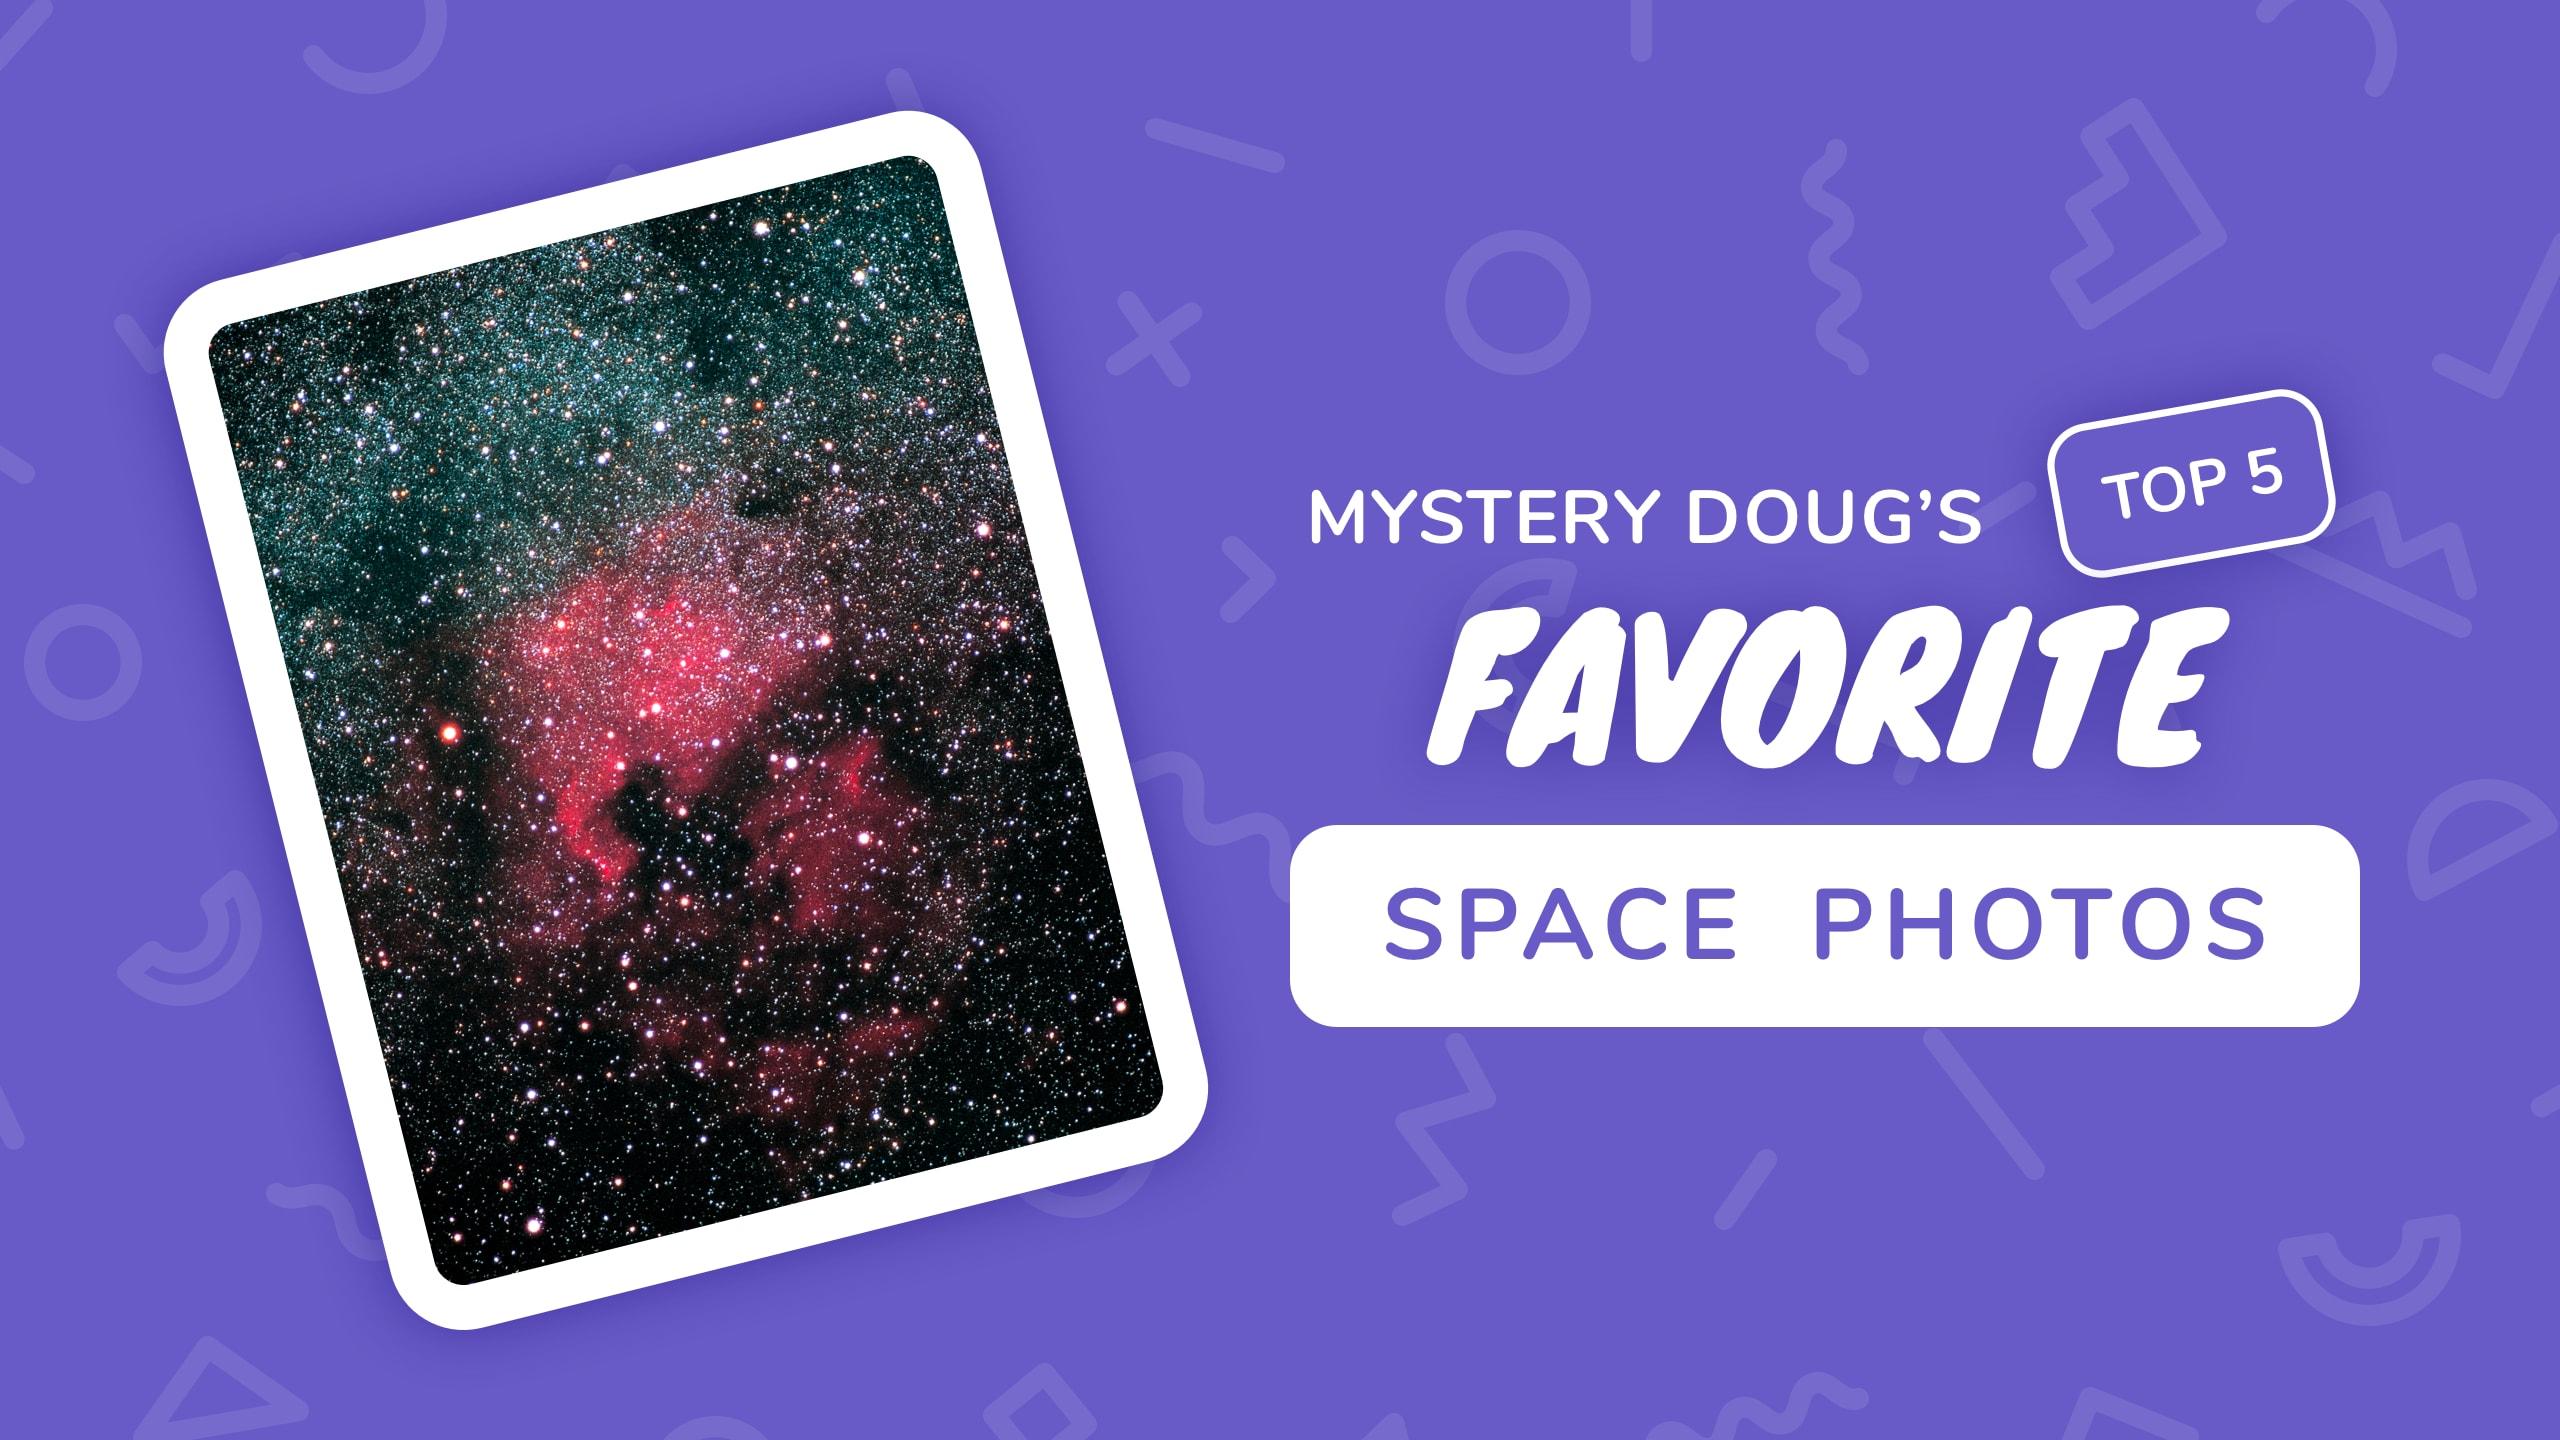 Top5 spacephotos title